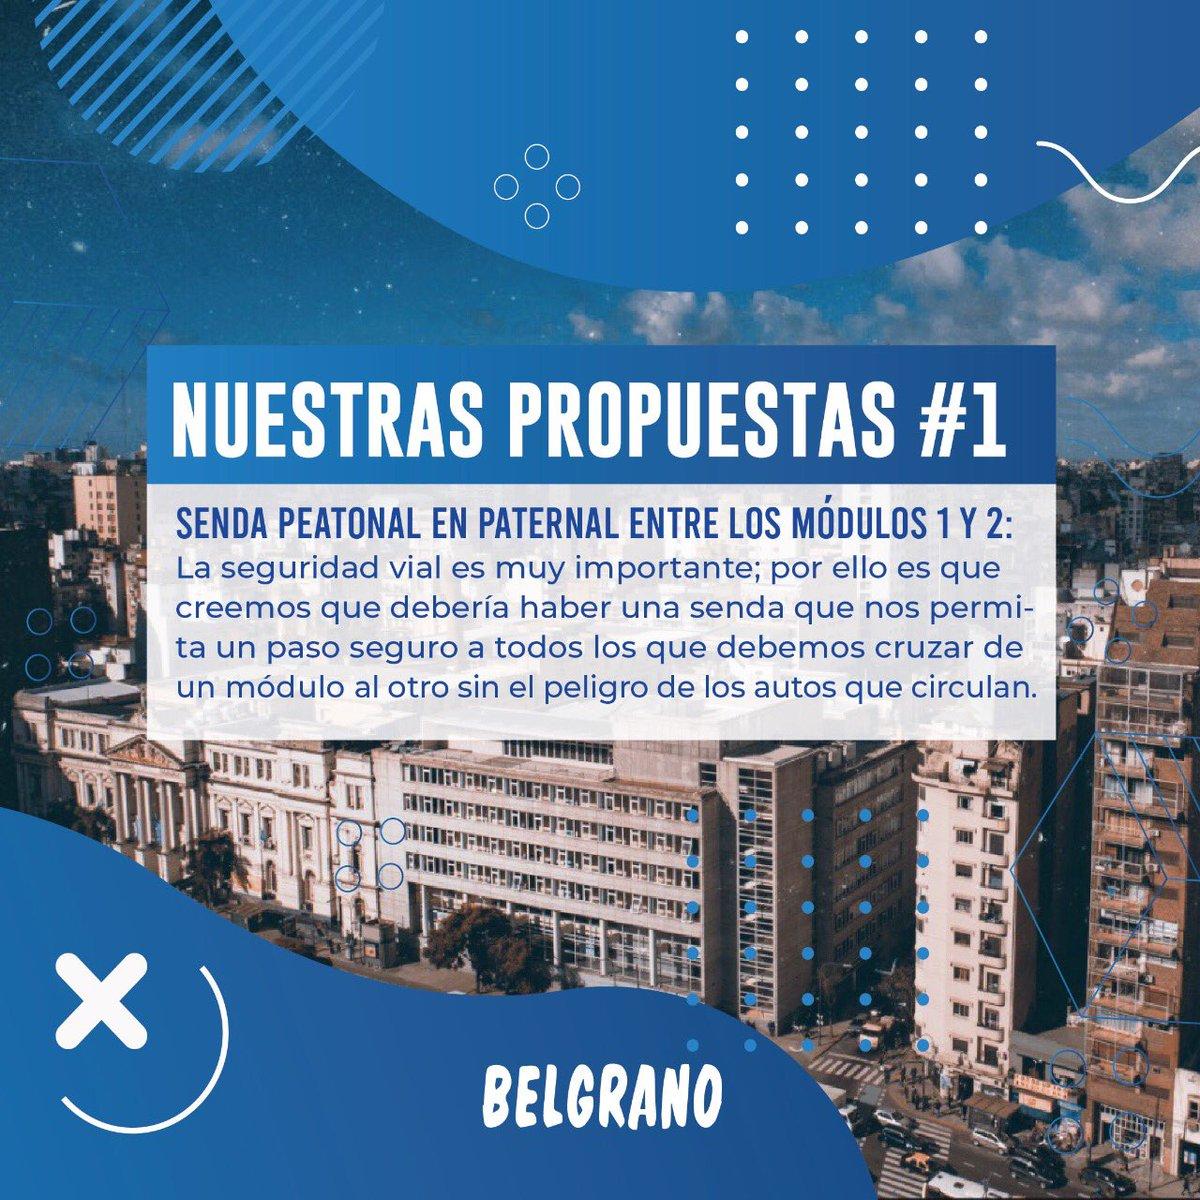 Agrupación Belgrano On Twitter